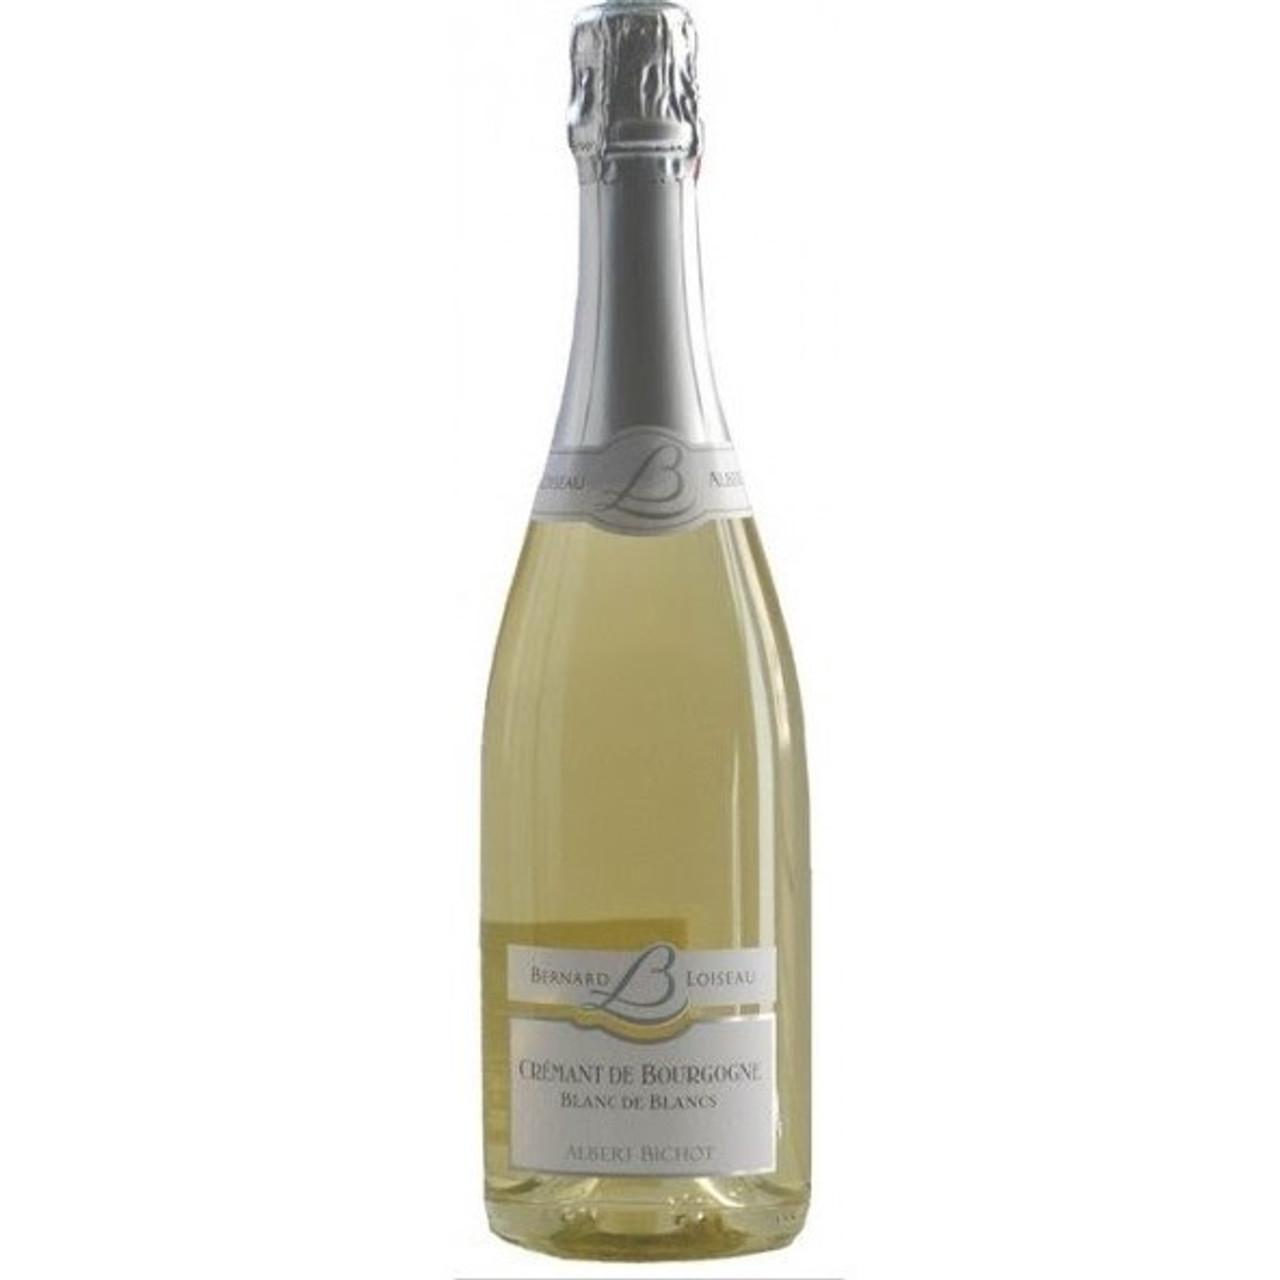 ALBERT BICHOT, Crémant de Bourgogne Pure Blanc de Blancs NV